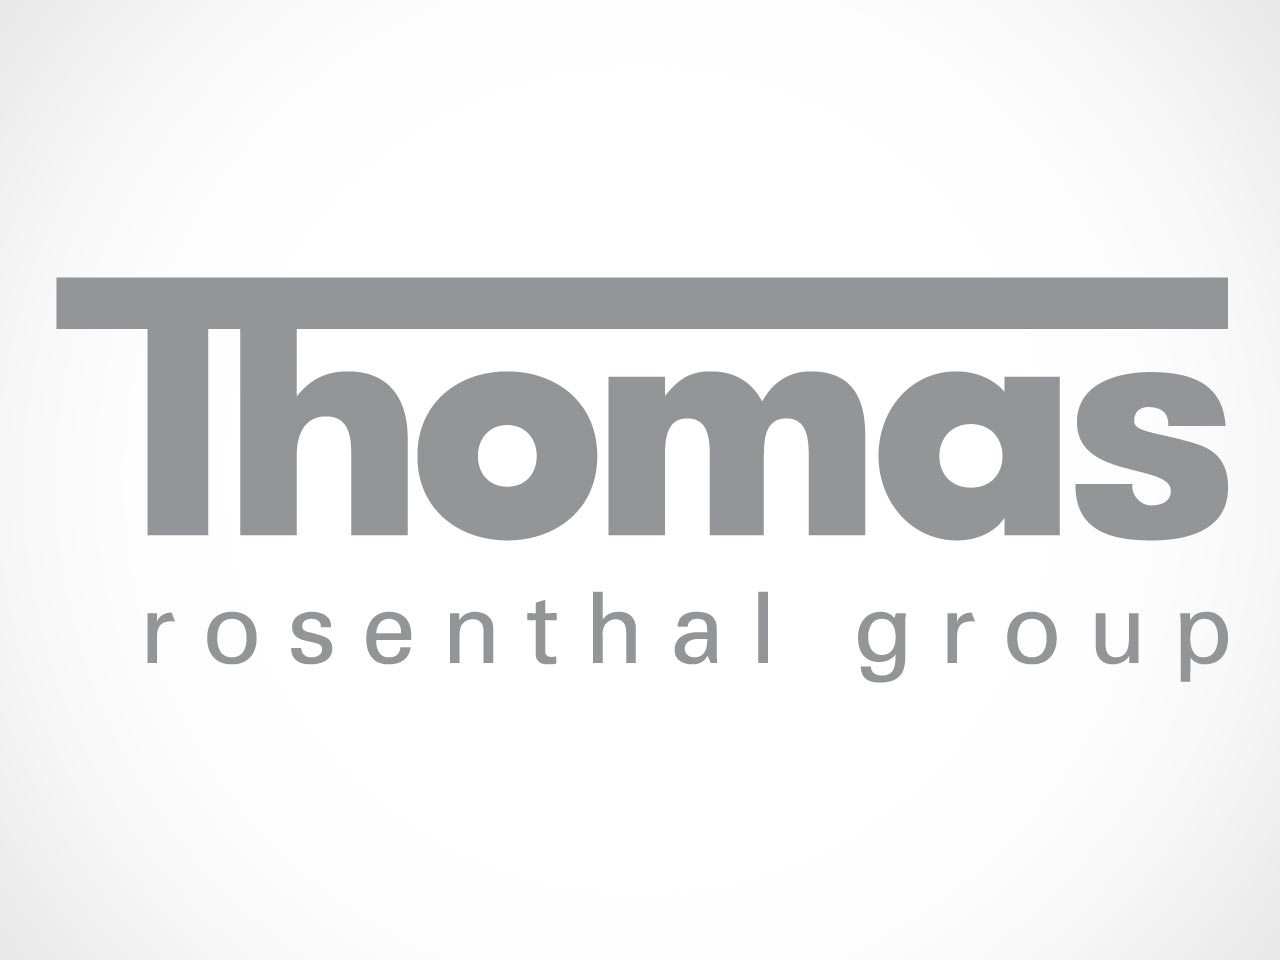 Thomas Logo on white background.